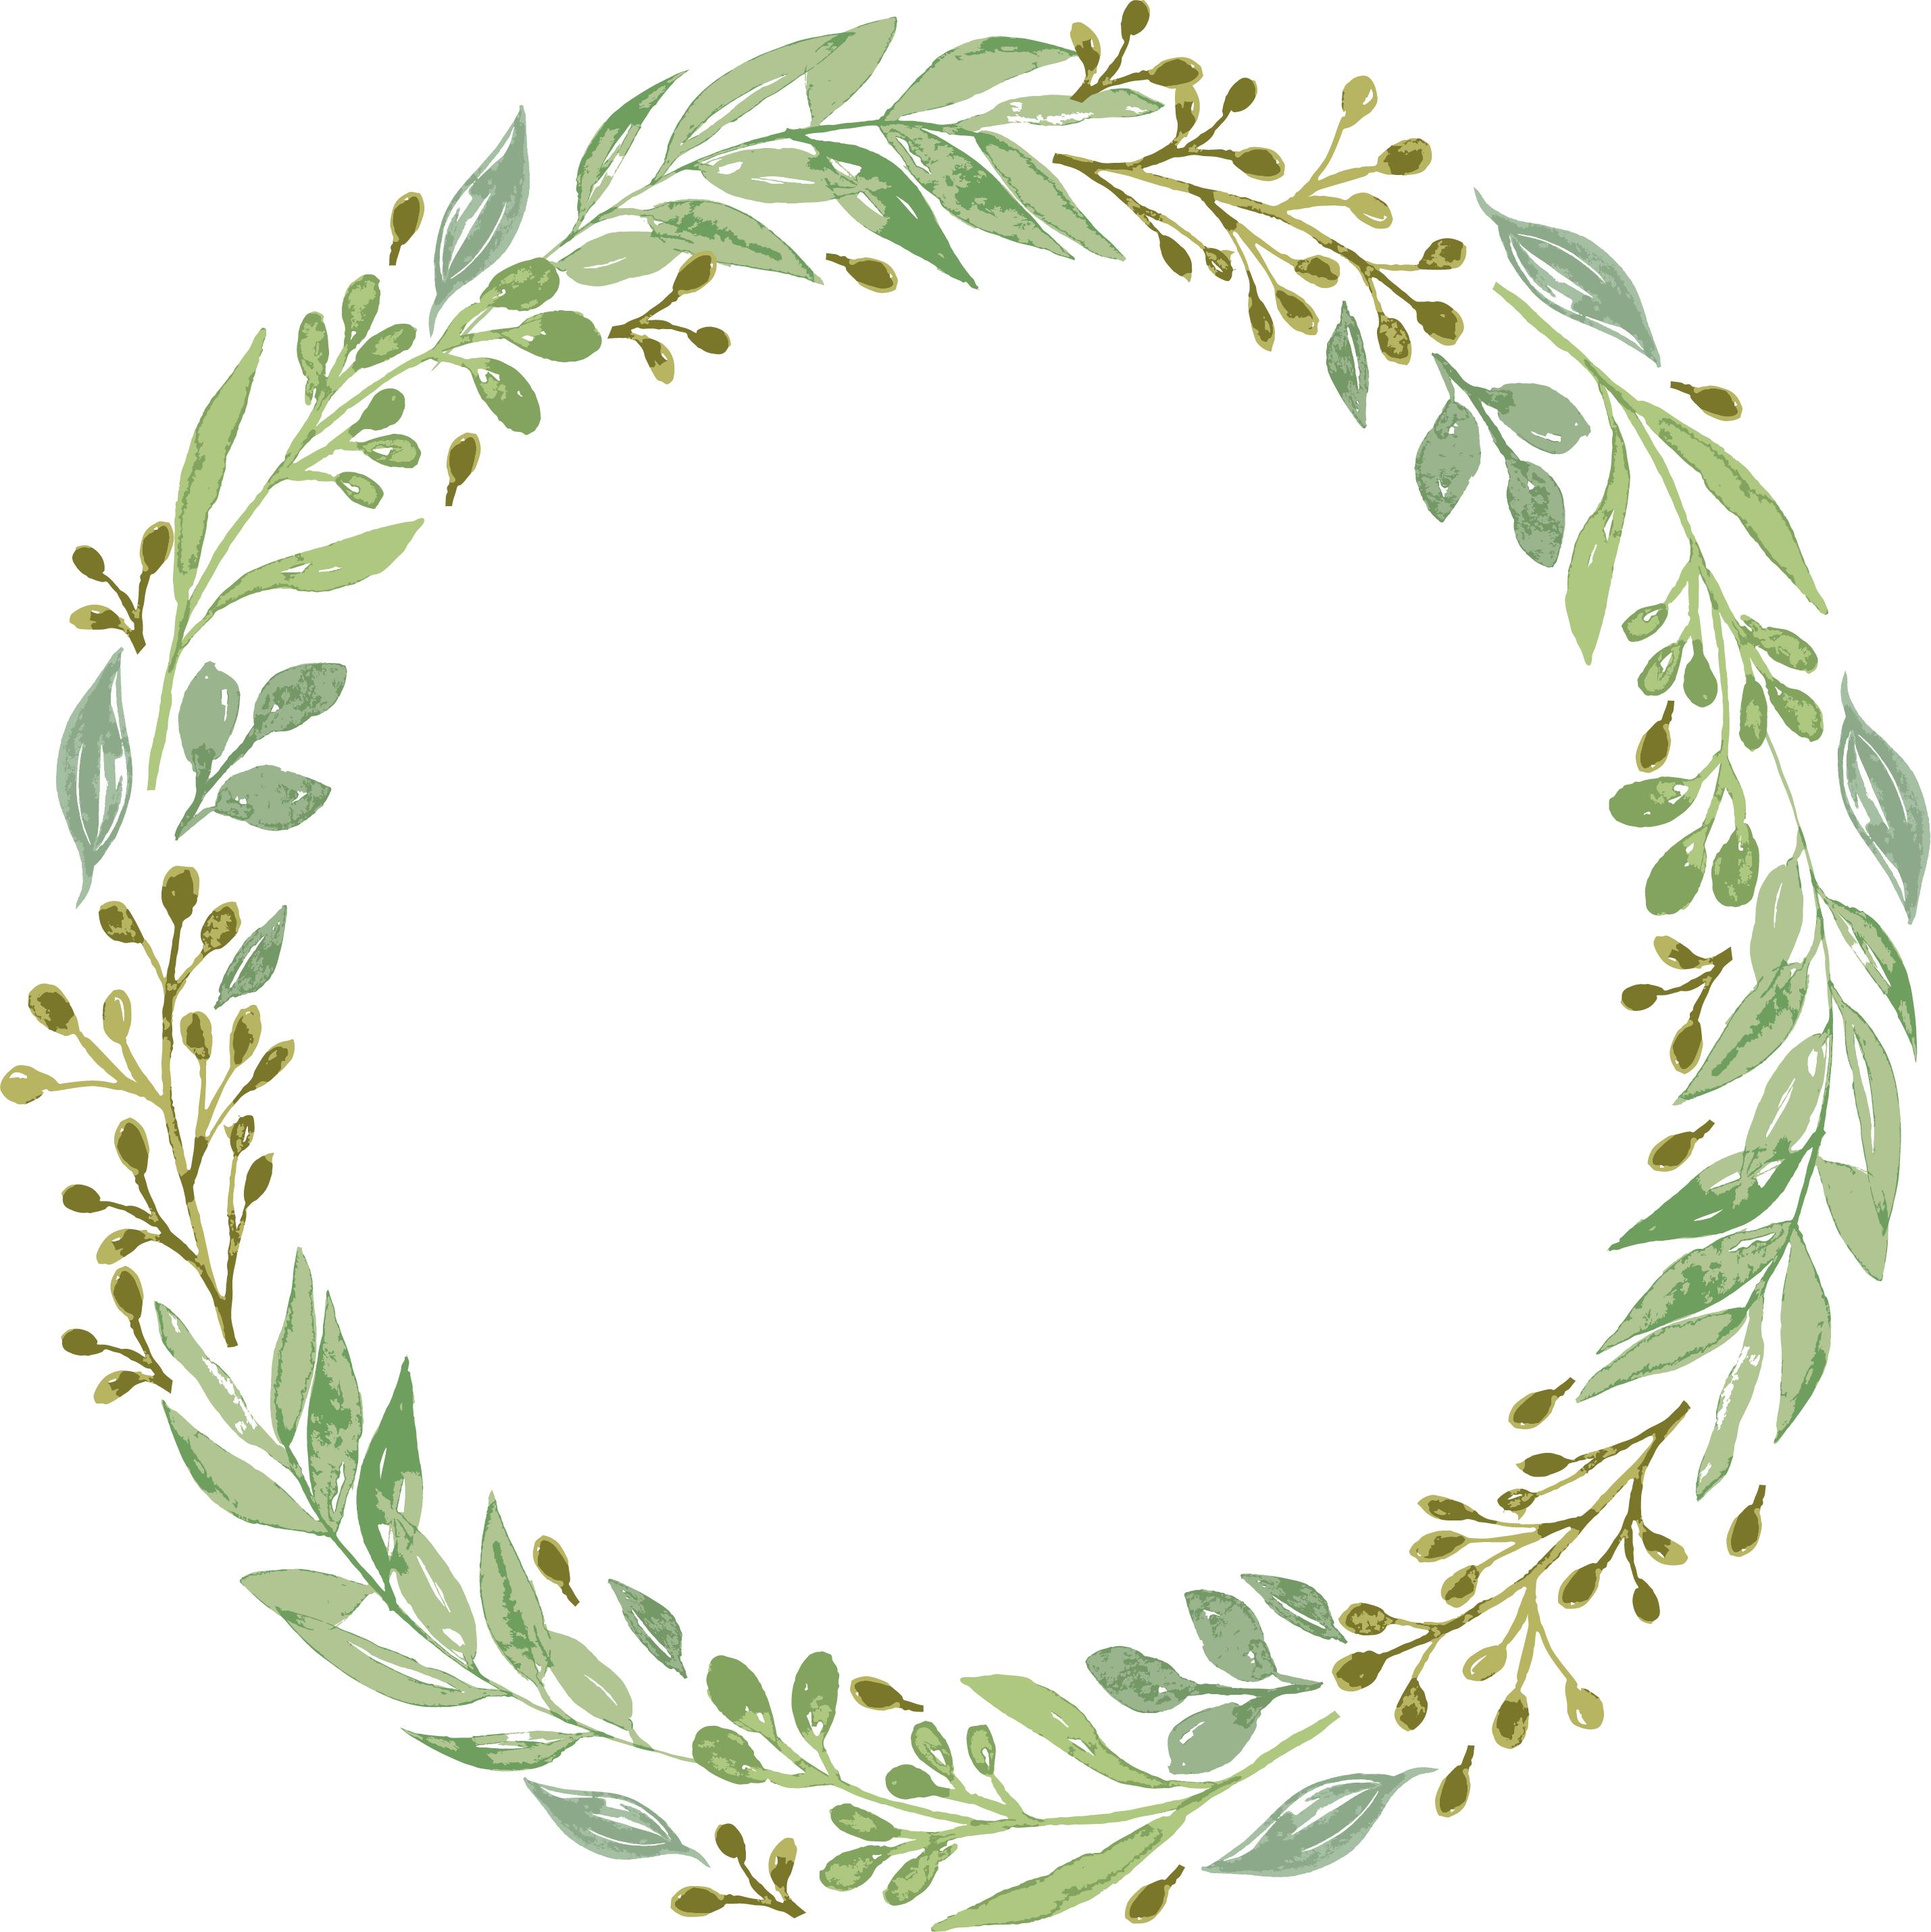 Resultado De Imagen Para Green Wreath Png Wreath Drawing Wreath Clip Art Wreath Watercolor